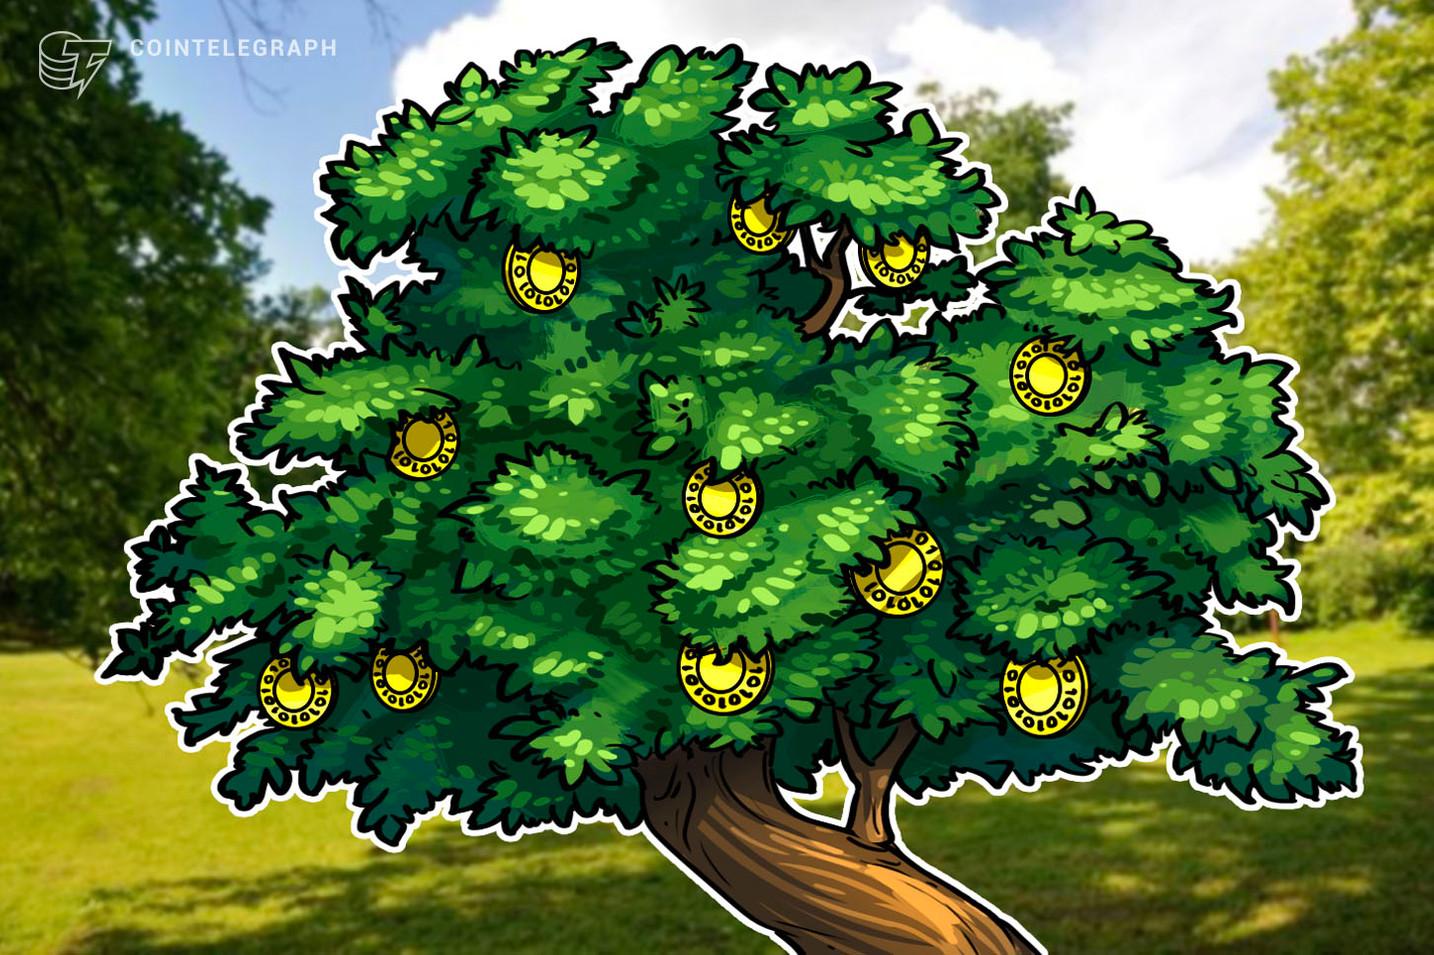 Union Square Ventures deve investir em cripto e blockchain a longo prazo sem fundo dedicado